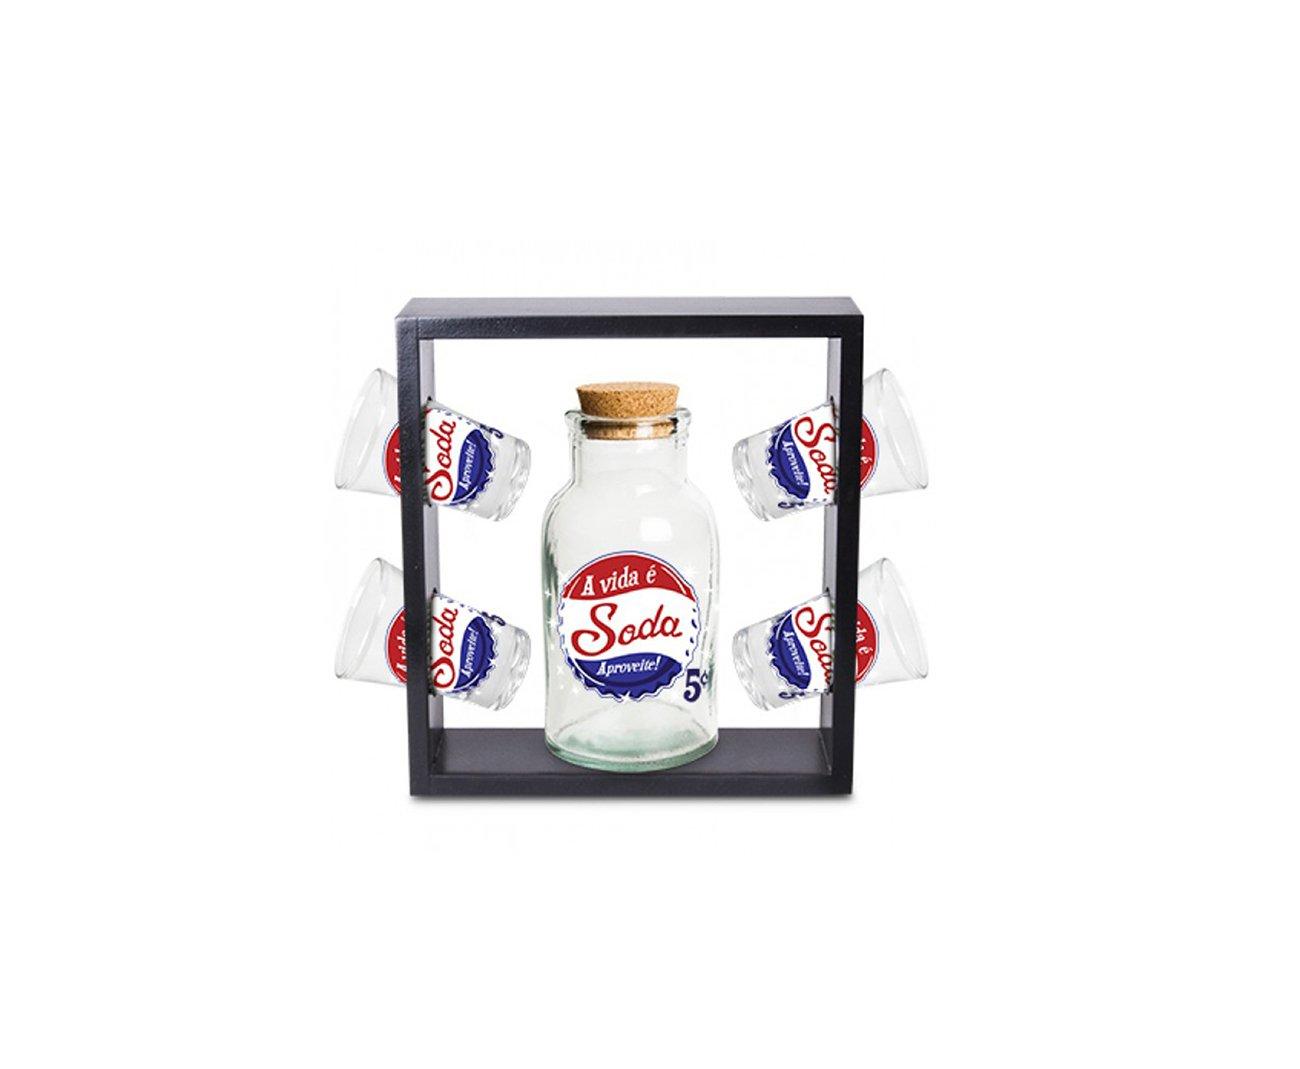 Kit Suporte Premium A Vida é Soda